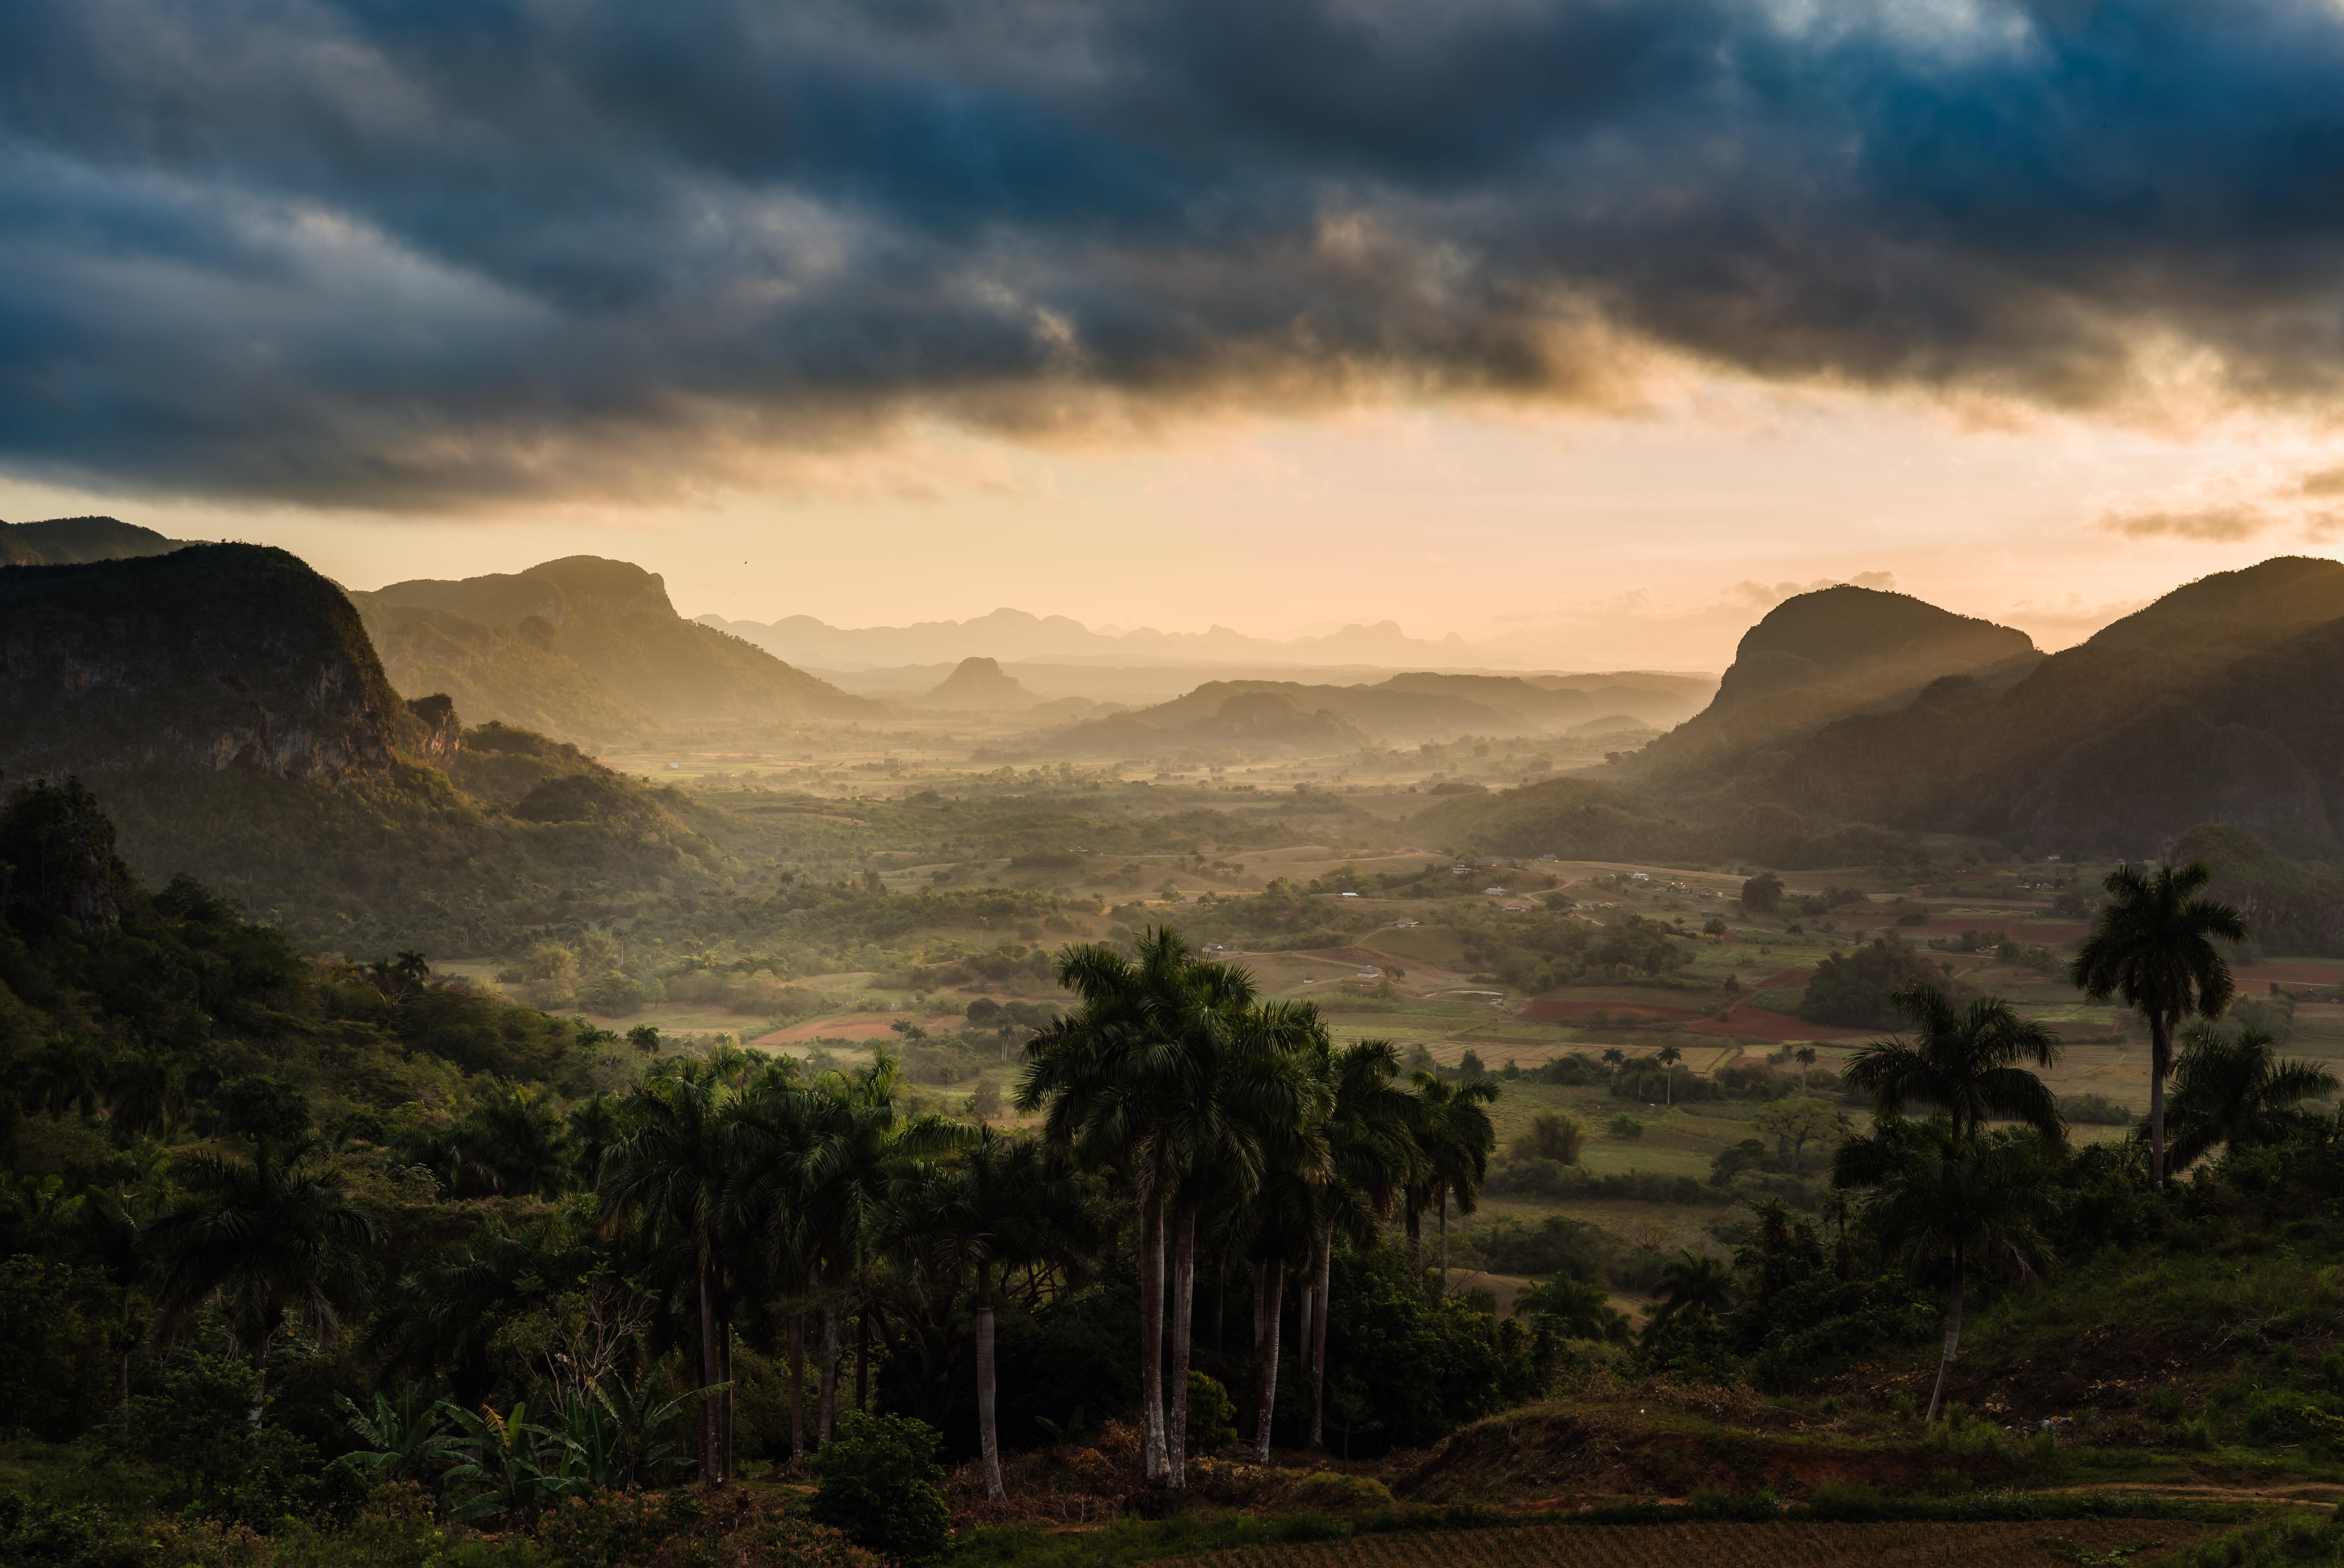 150669 скачать обои Природа, Туман, Облака, Горы, Пальмы - заставки и картинки бесплатно